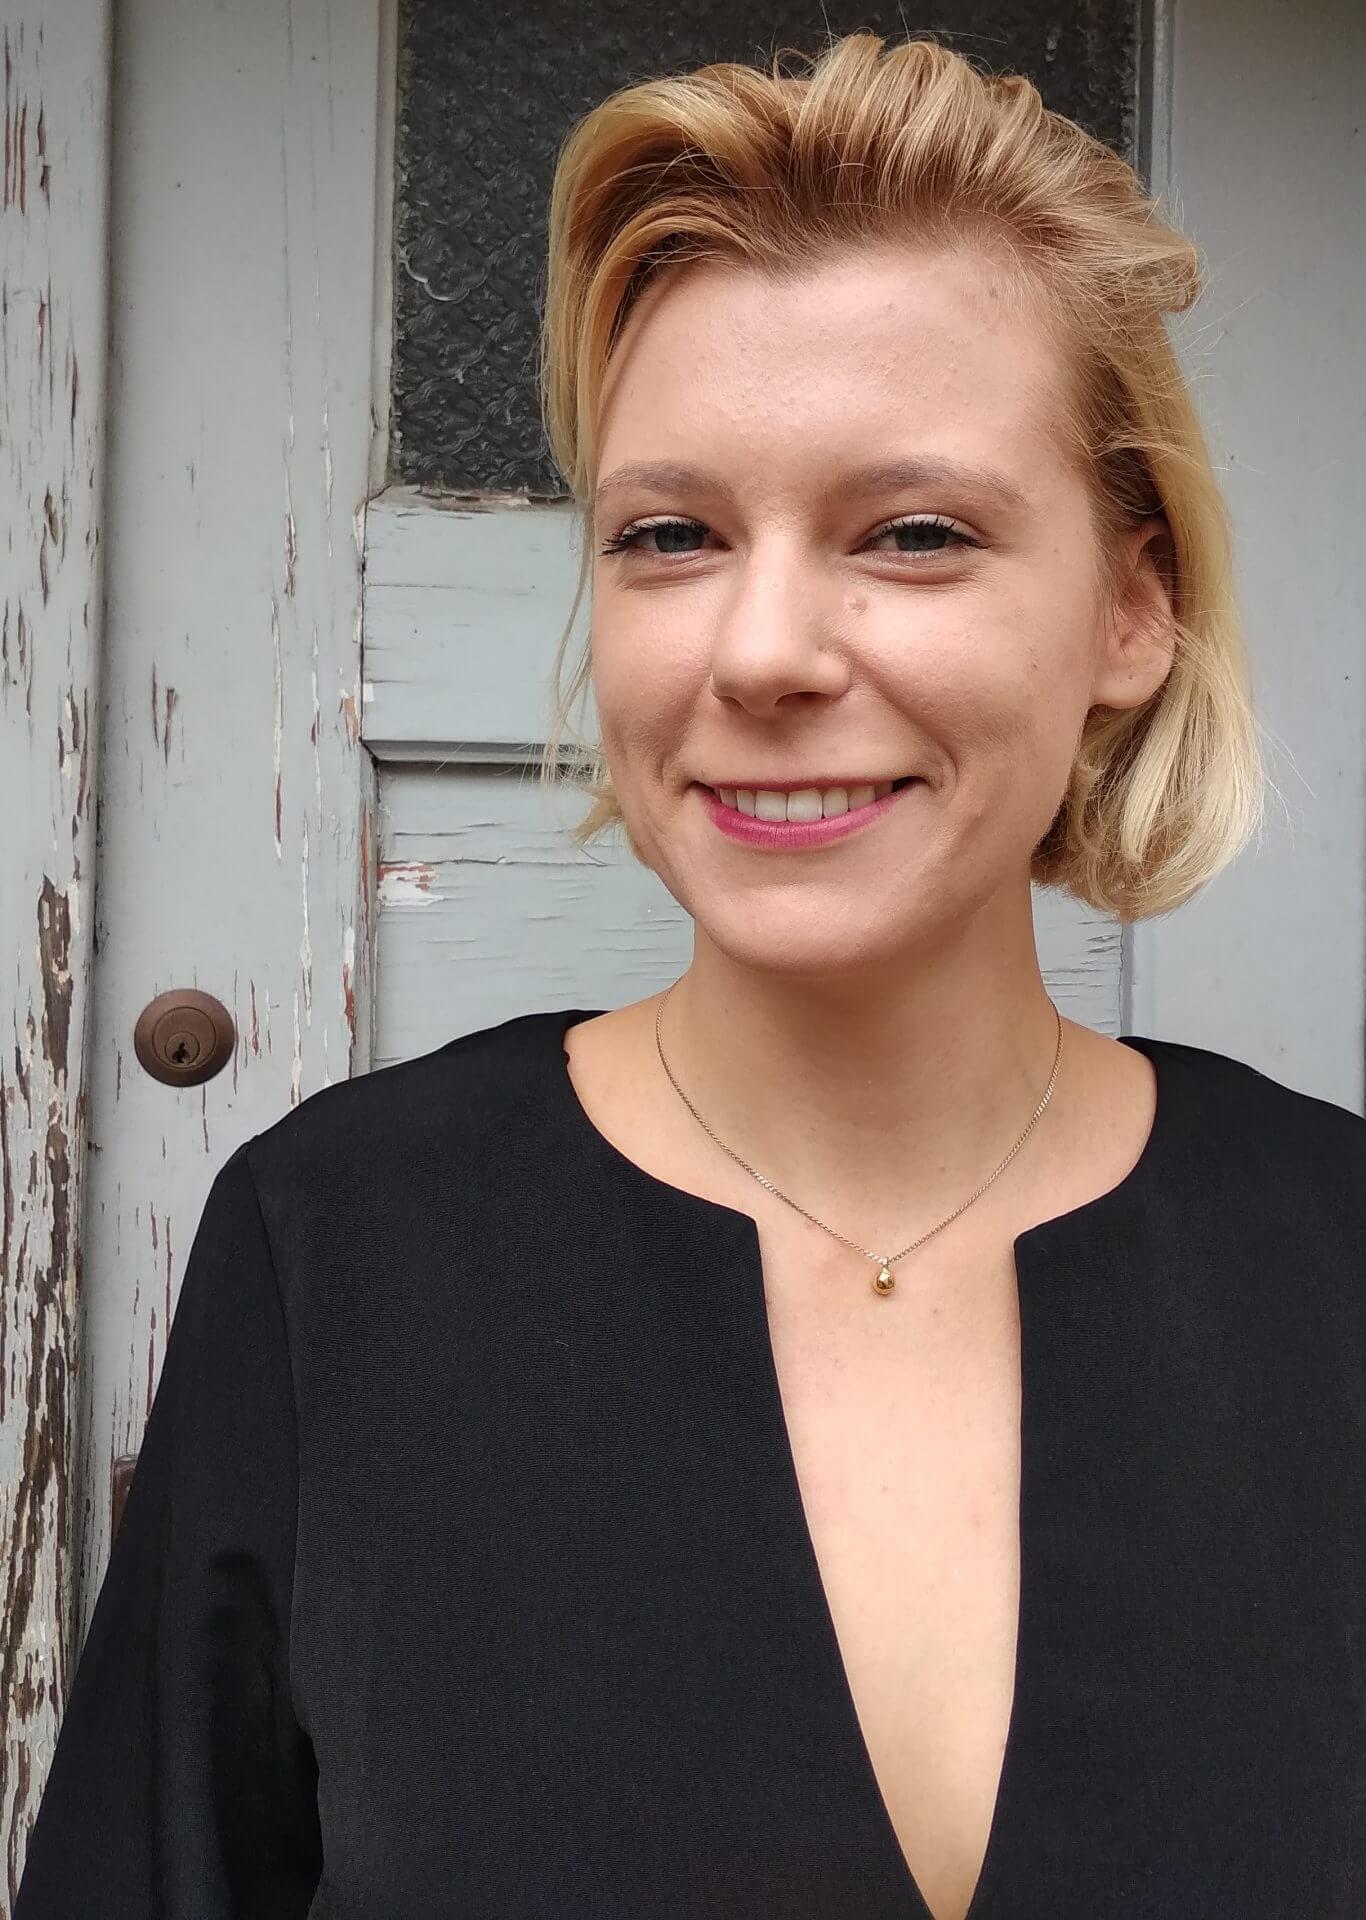 Joanna Bociąg